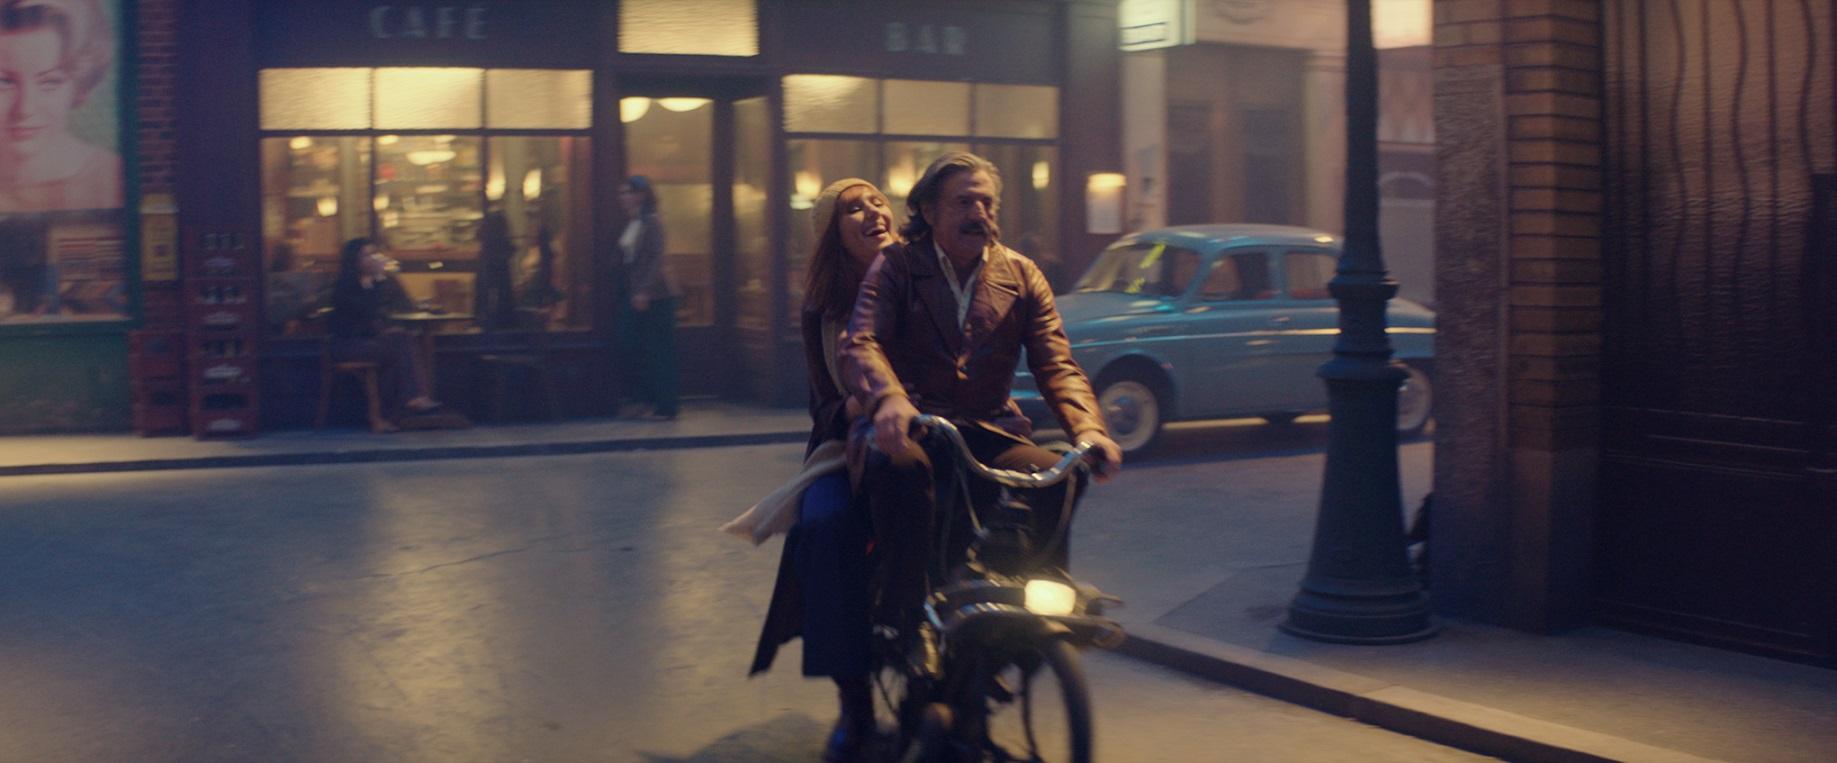 La belle epoque 24 Tour de cine francés